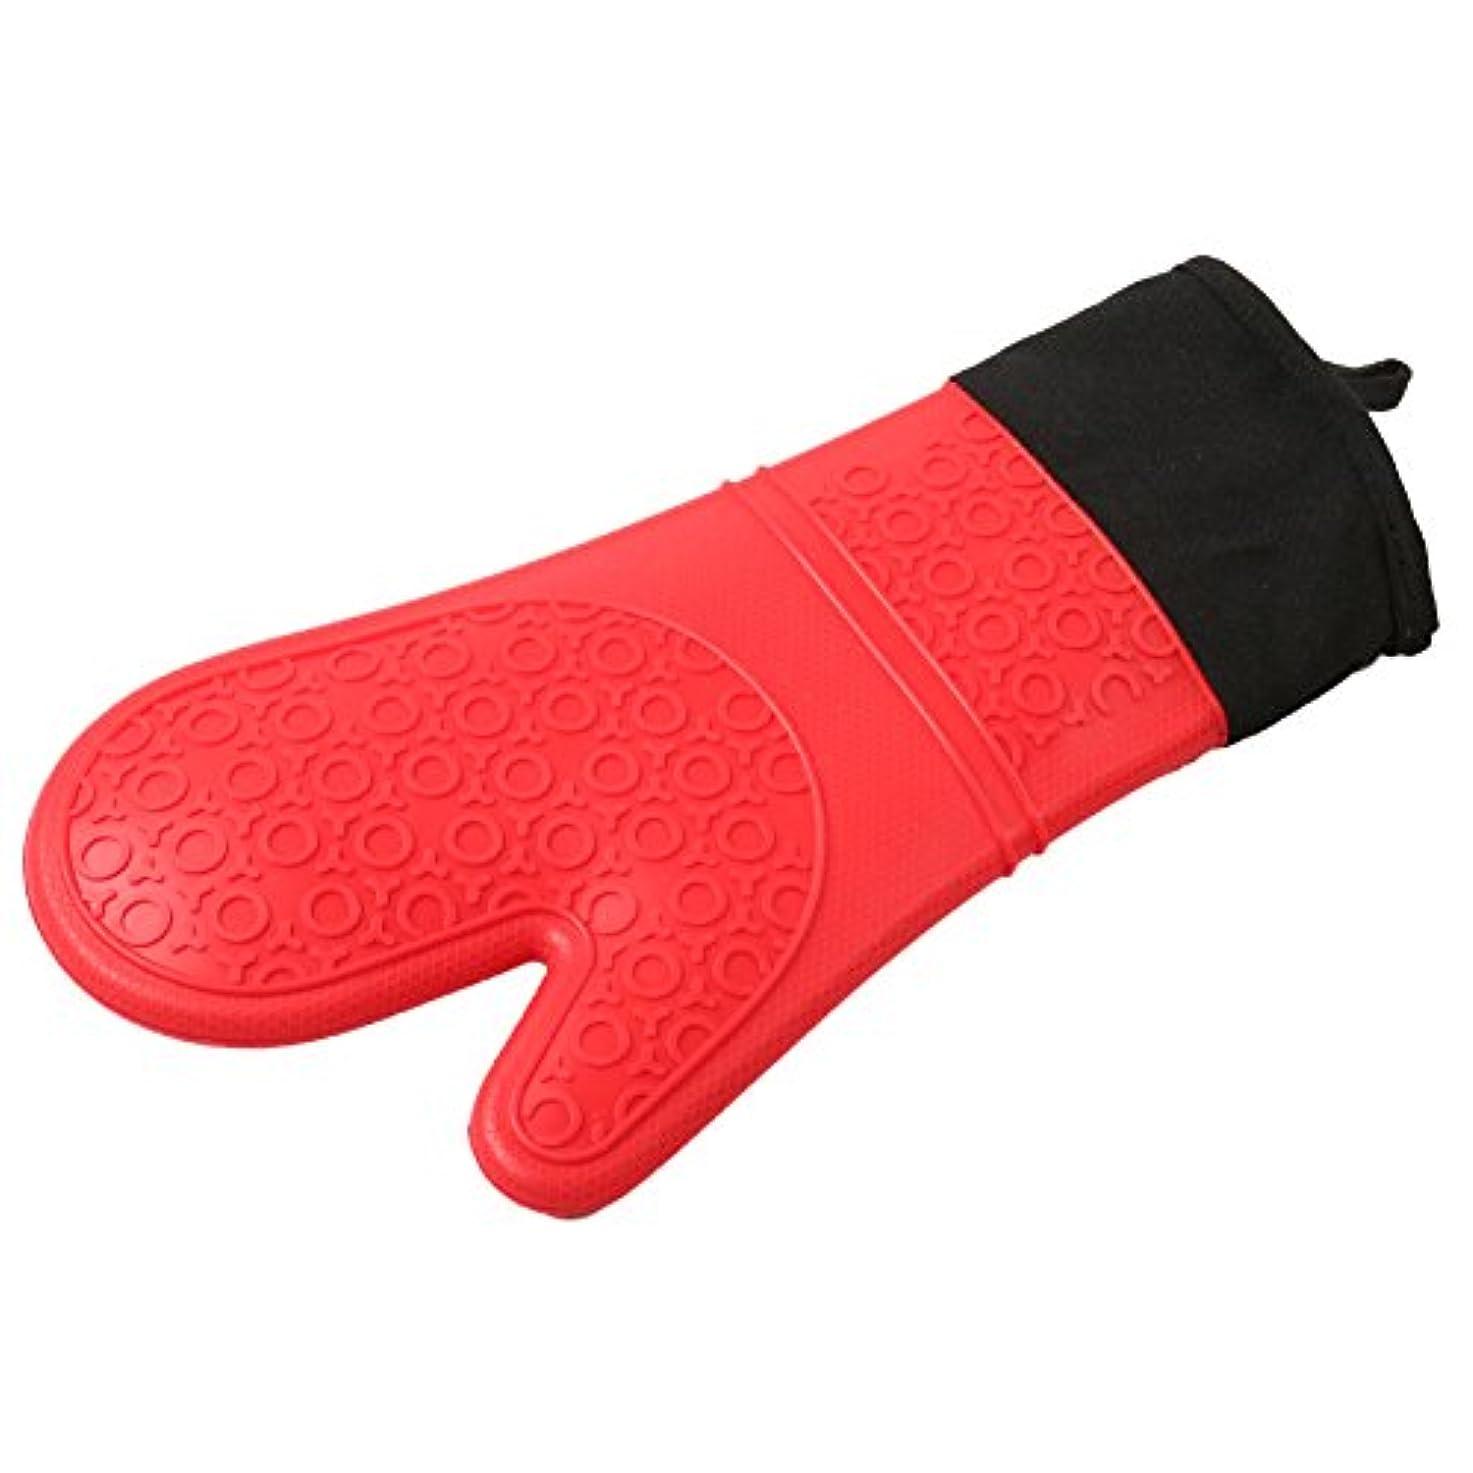 作成者増幅器受け取るOUYOU 耐熱グローブ シリコンチェック 耐熱温度300℃ キッチングローブ オーブンミトン シリコン手袋 滑り止め クッキング用 フリーサイズ 2個セット